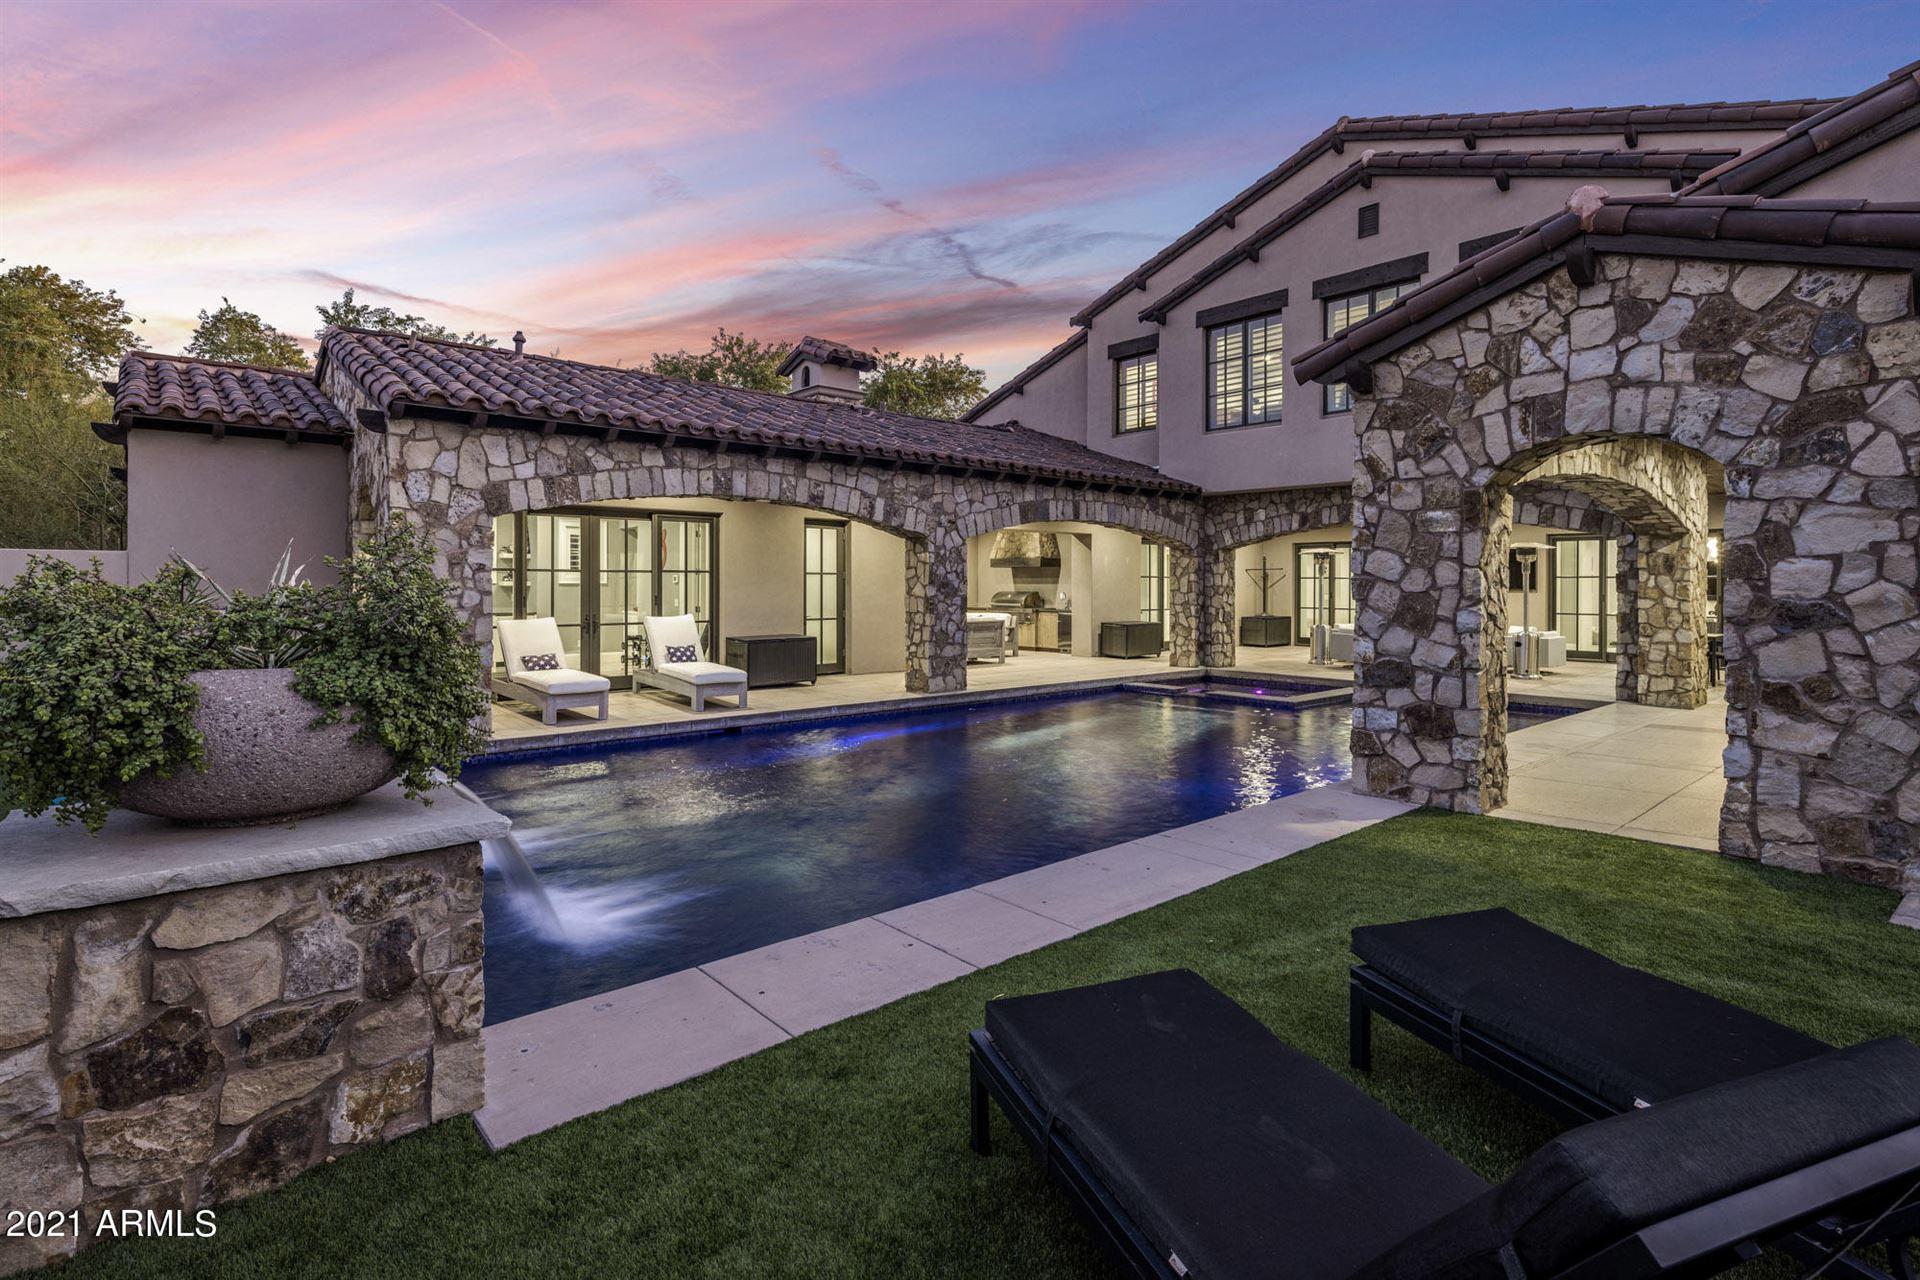 Photo of 9856 E LEGACY Lane, Scottsdale, AZ 85255 (MLS # 6184033)